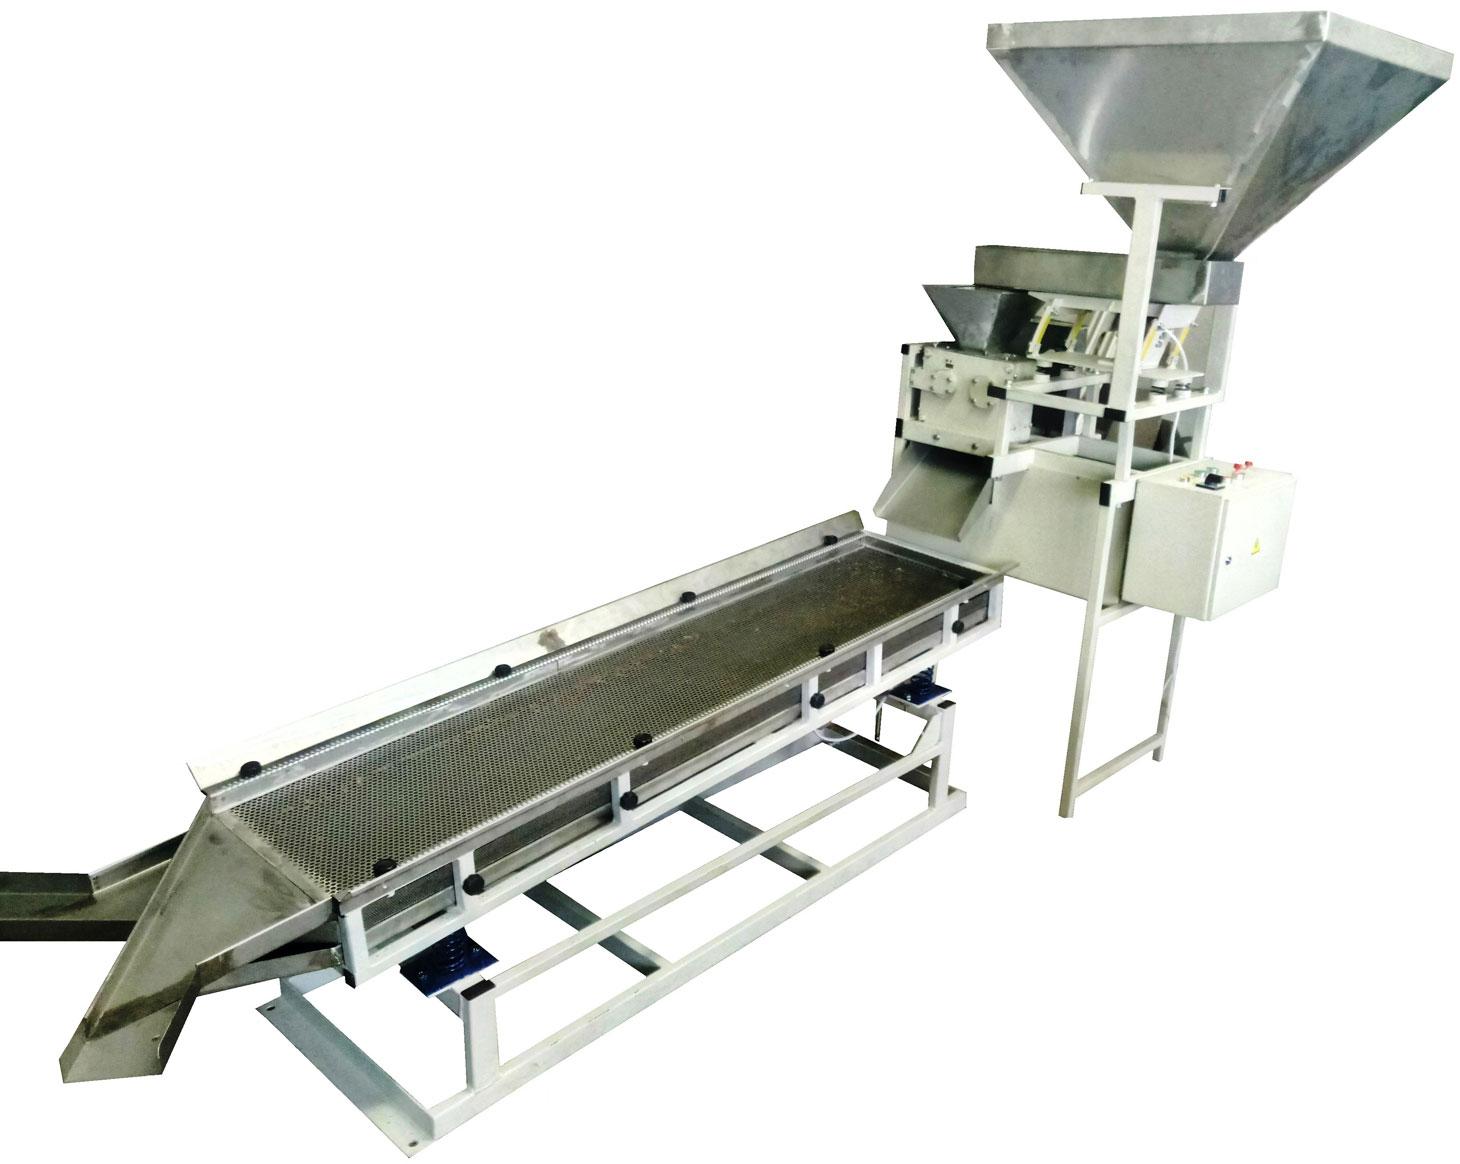 Дробильно-резательная машина (дисковая дробилка) для дробления пищевых продуктов на разные фракции от 1 мм и более.